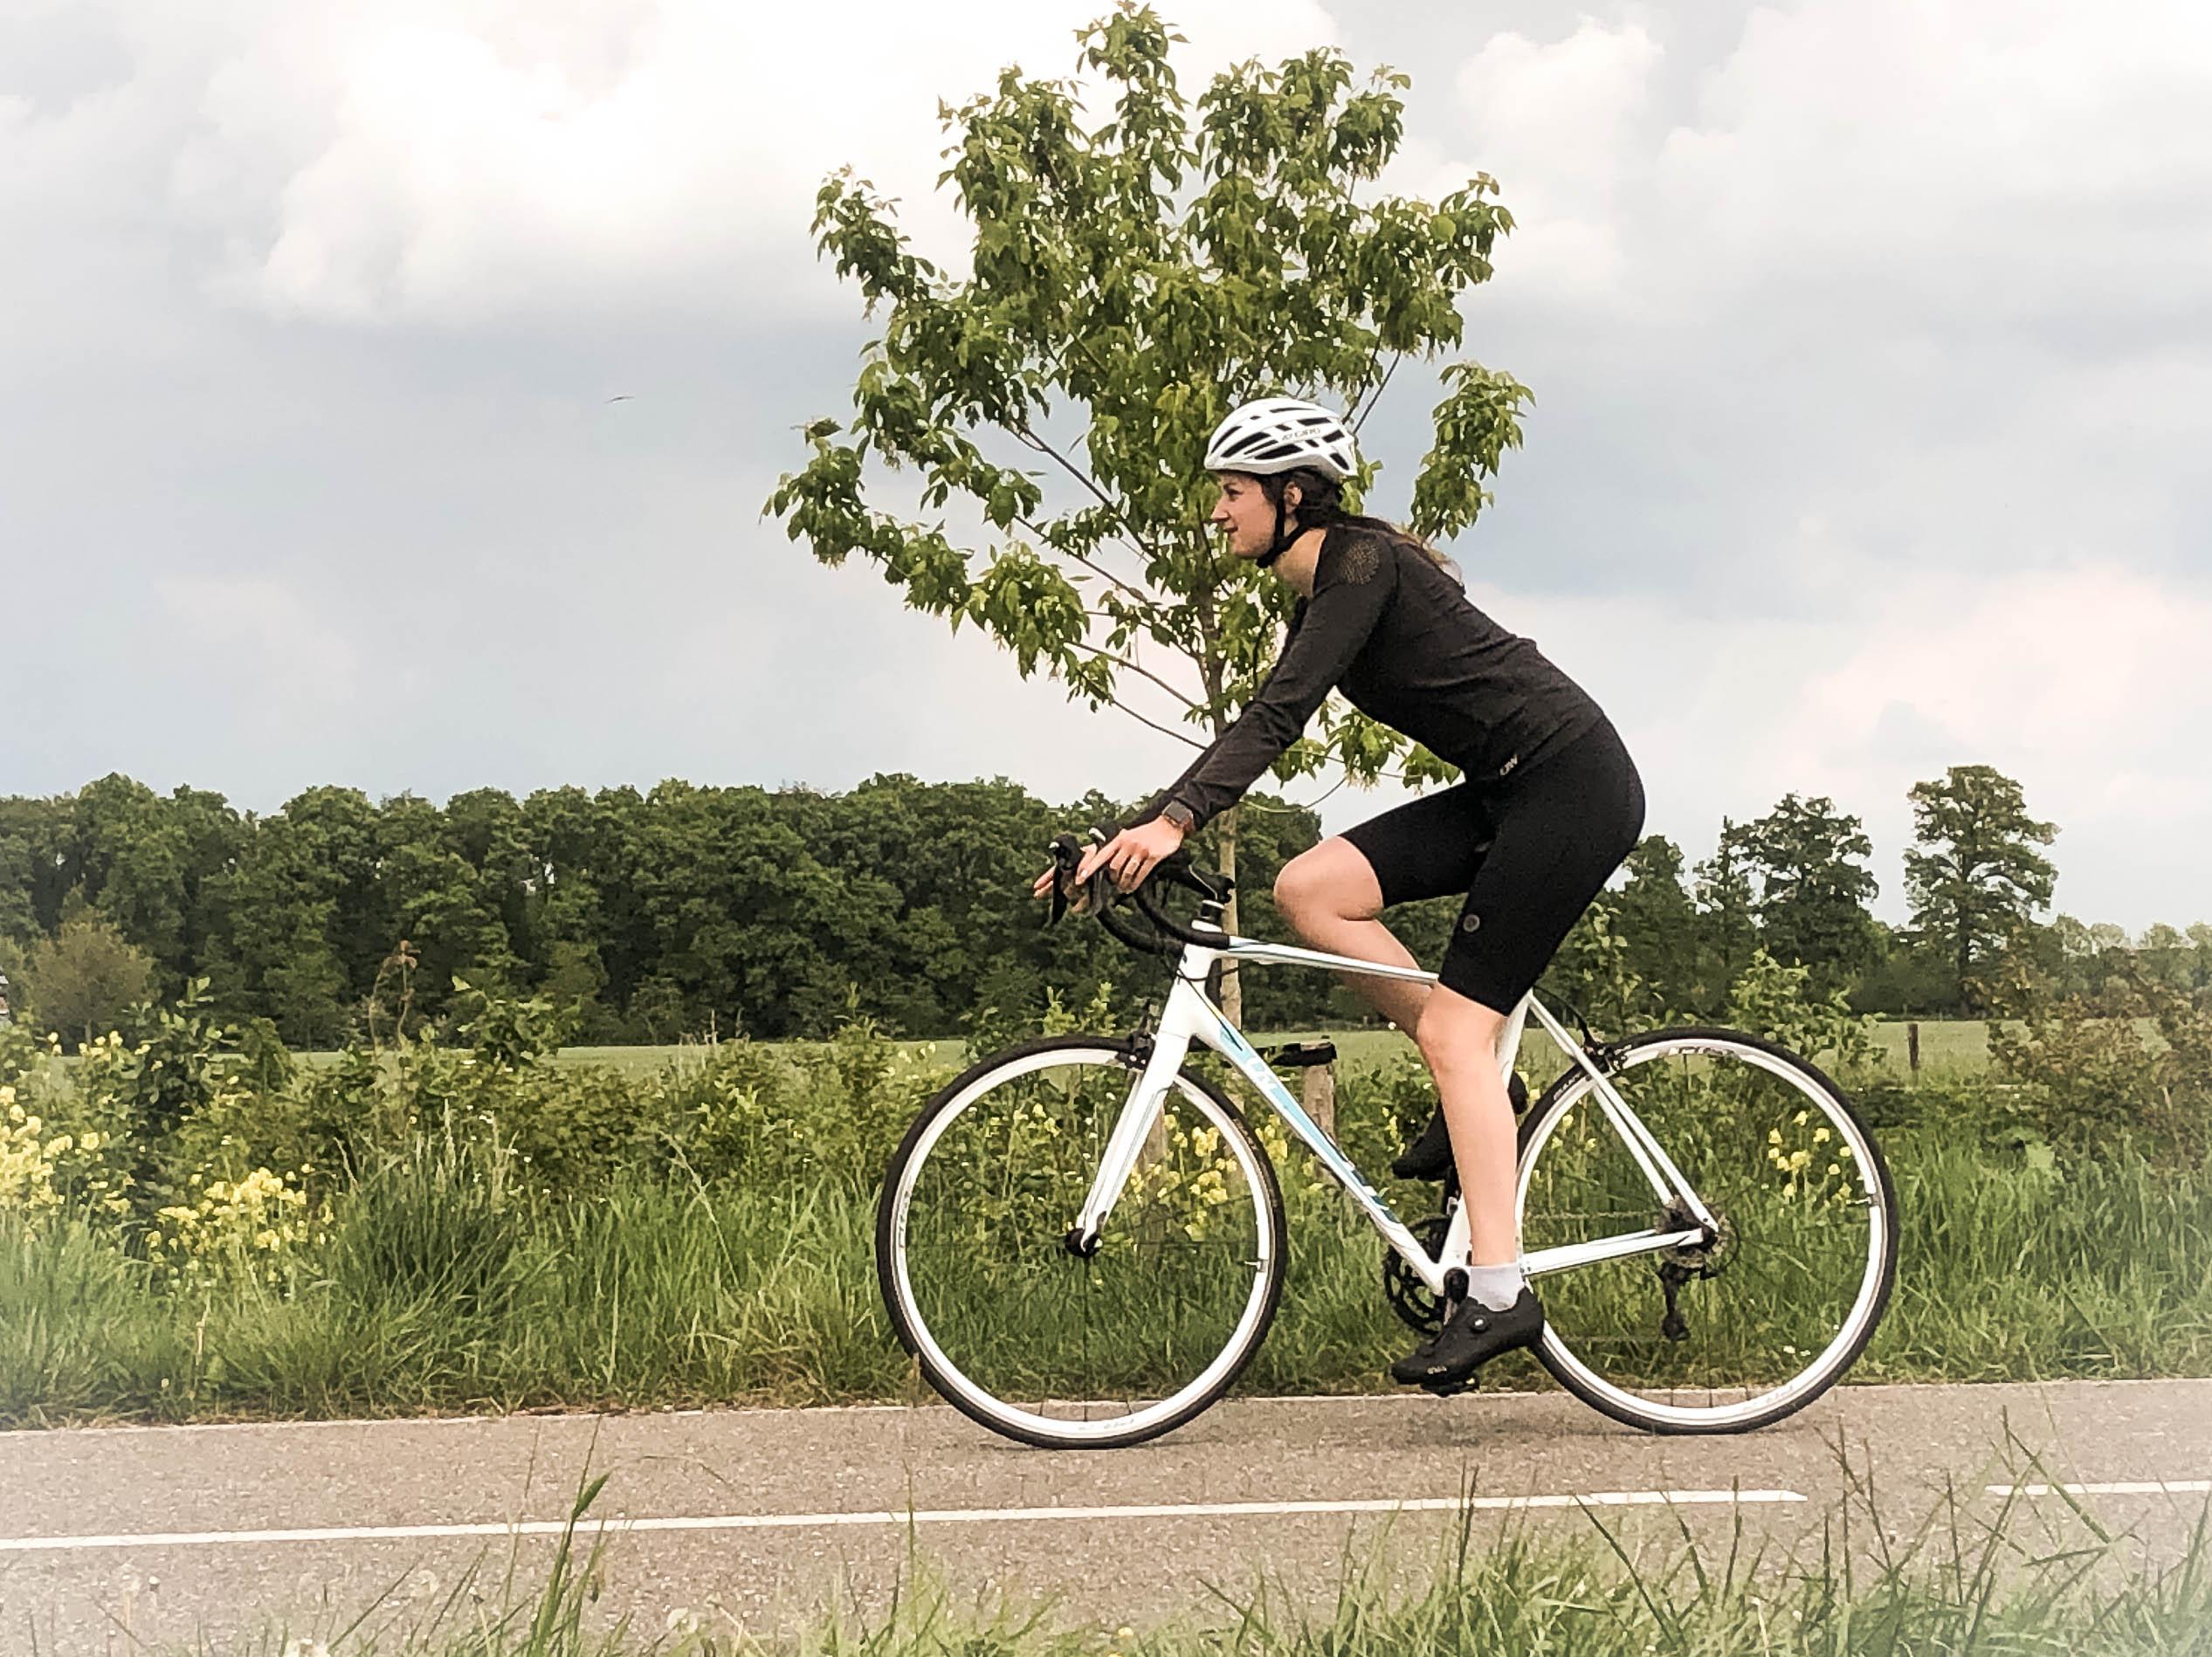 Starten met racefietsen – tips voor het aanschaffen van een fiets